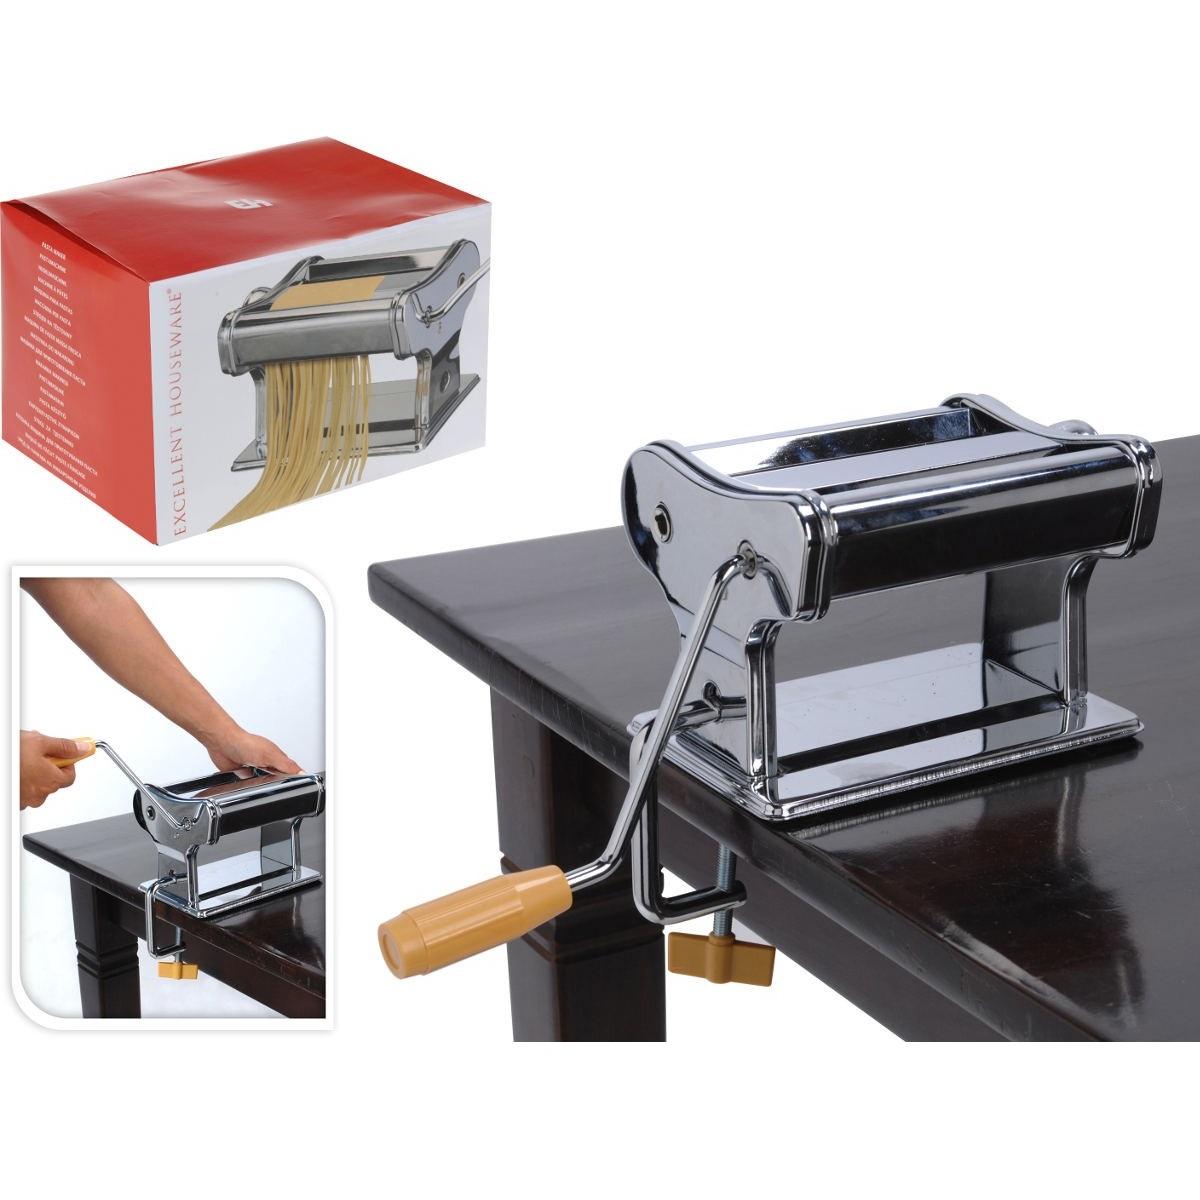 Купить со скидкой Машинка для приготовления пасты Excellent Houseware